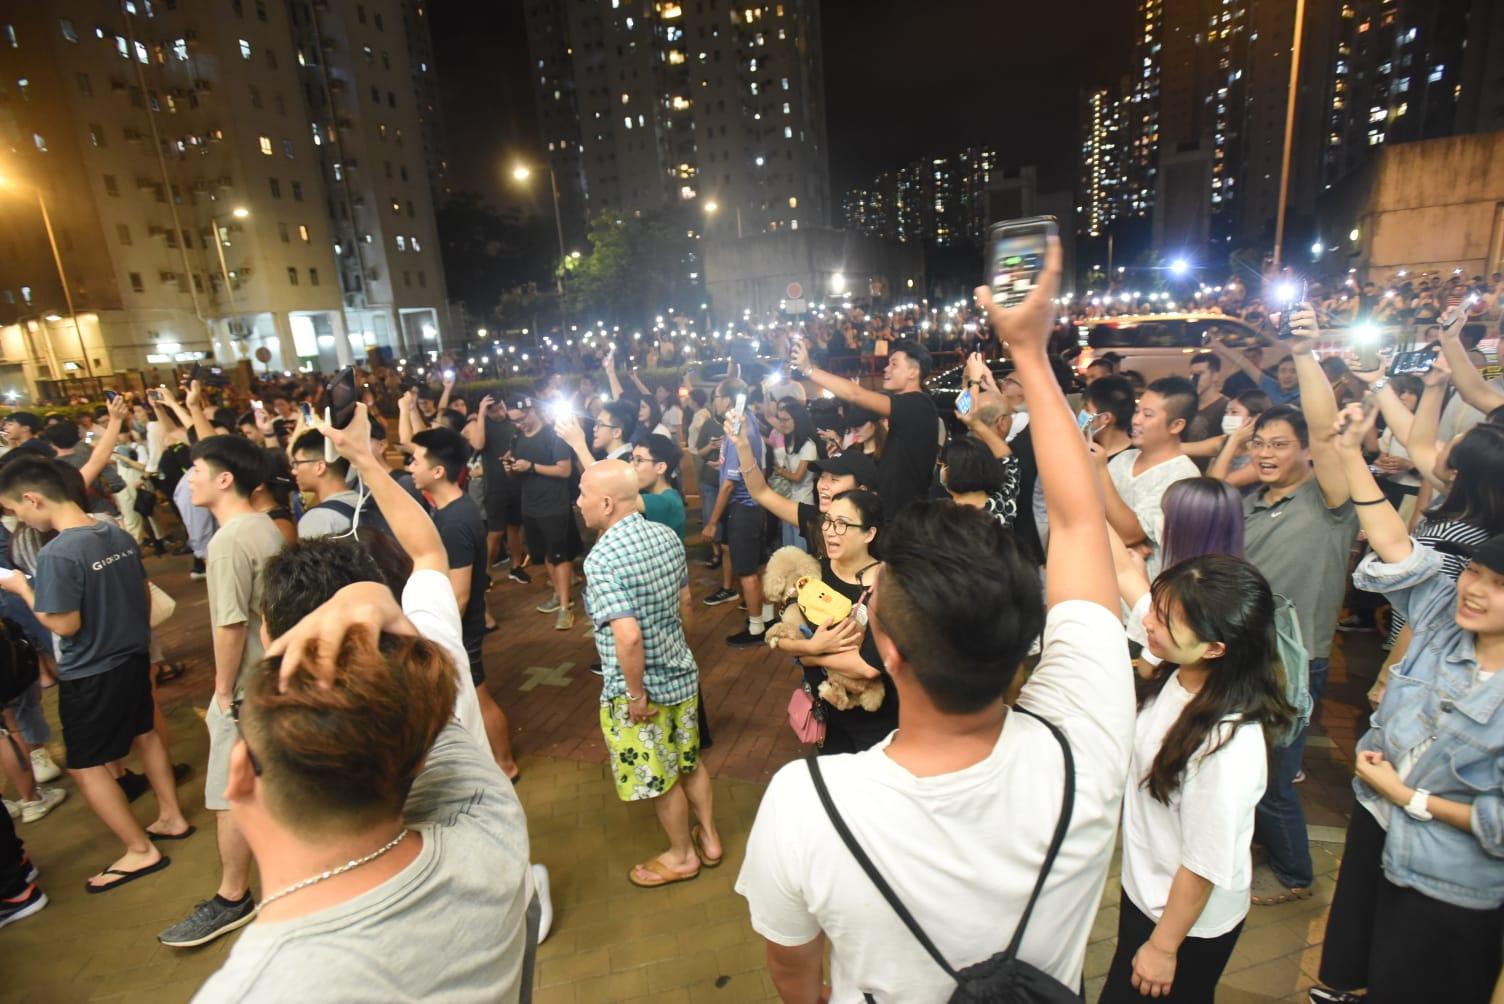 【修例风波】数百人坑口站外聚集 防暴警蓝旗警告散去